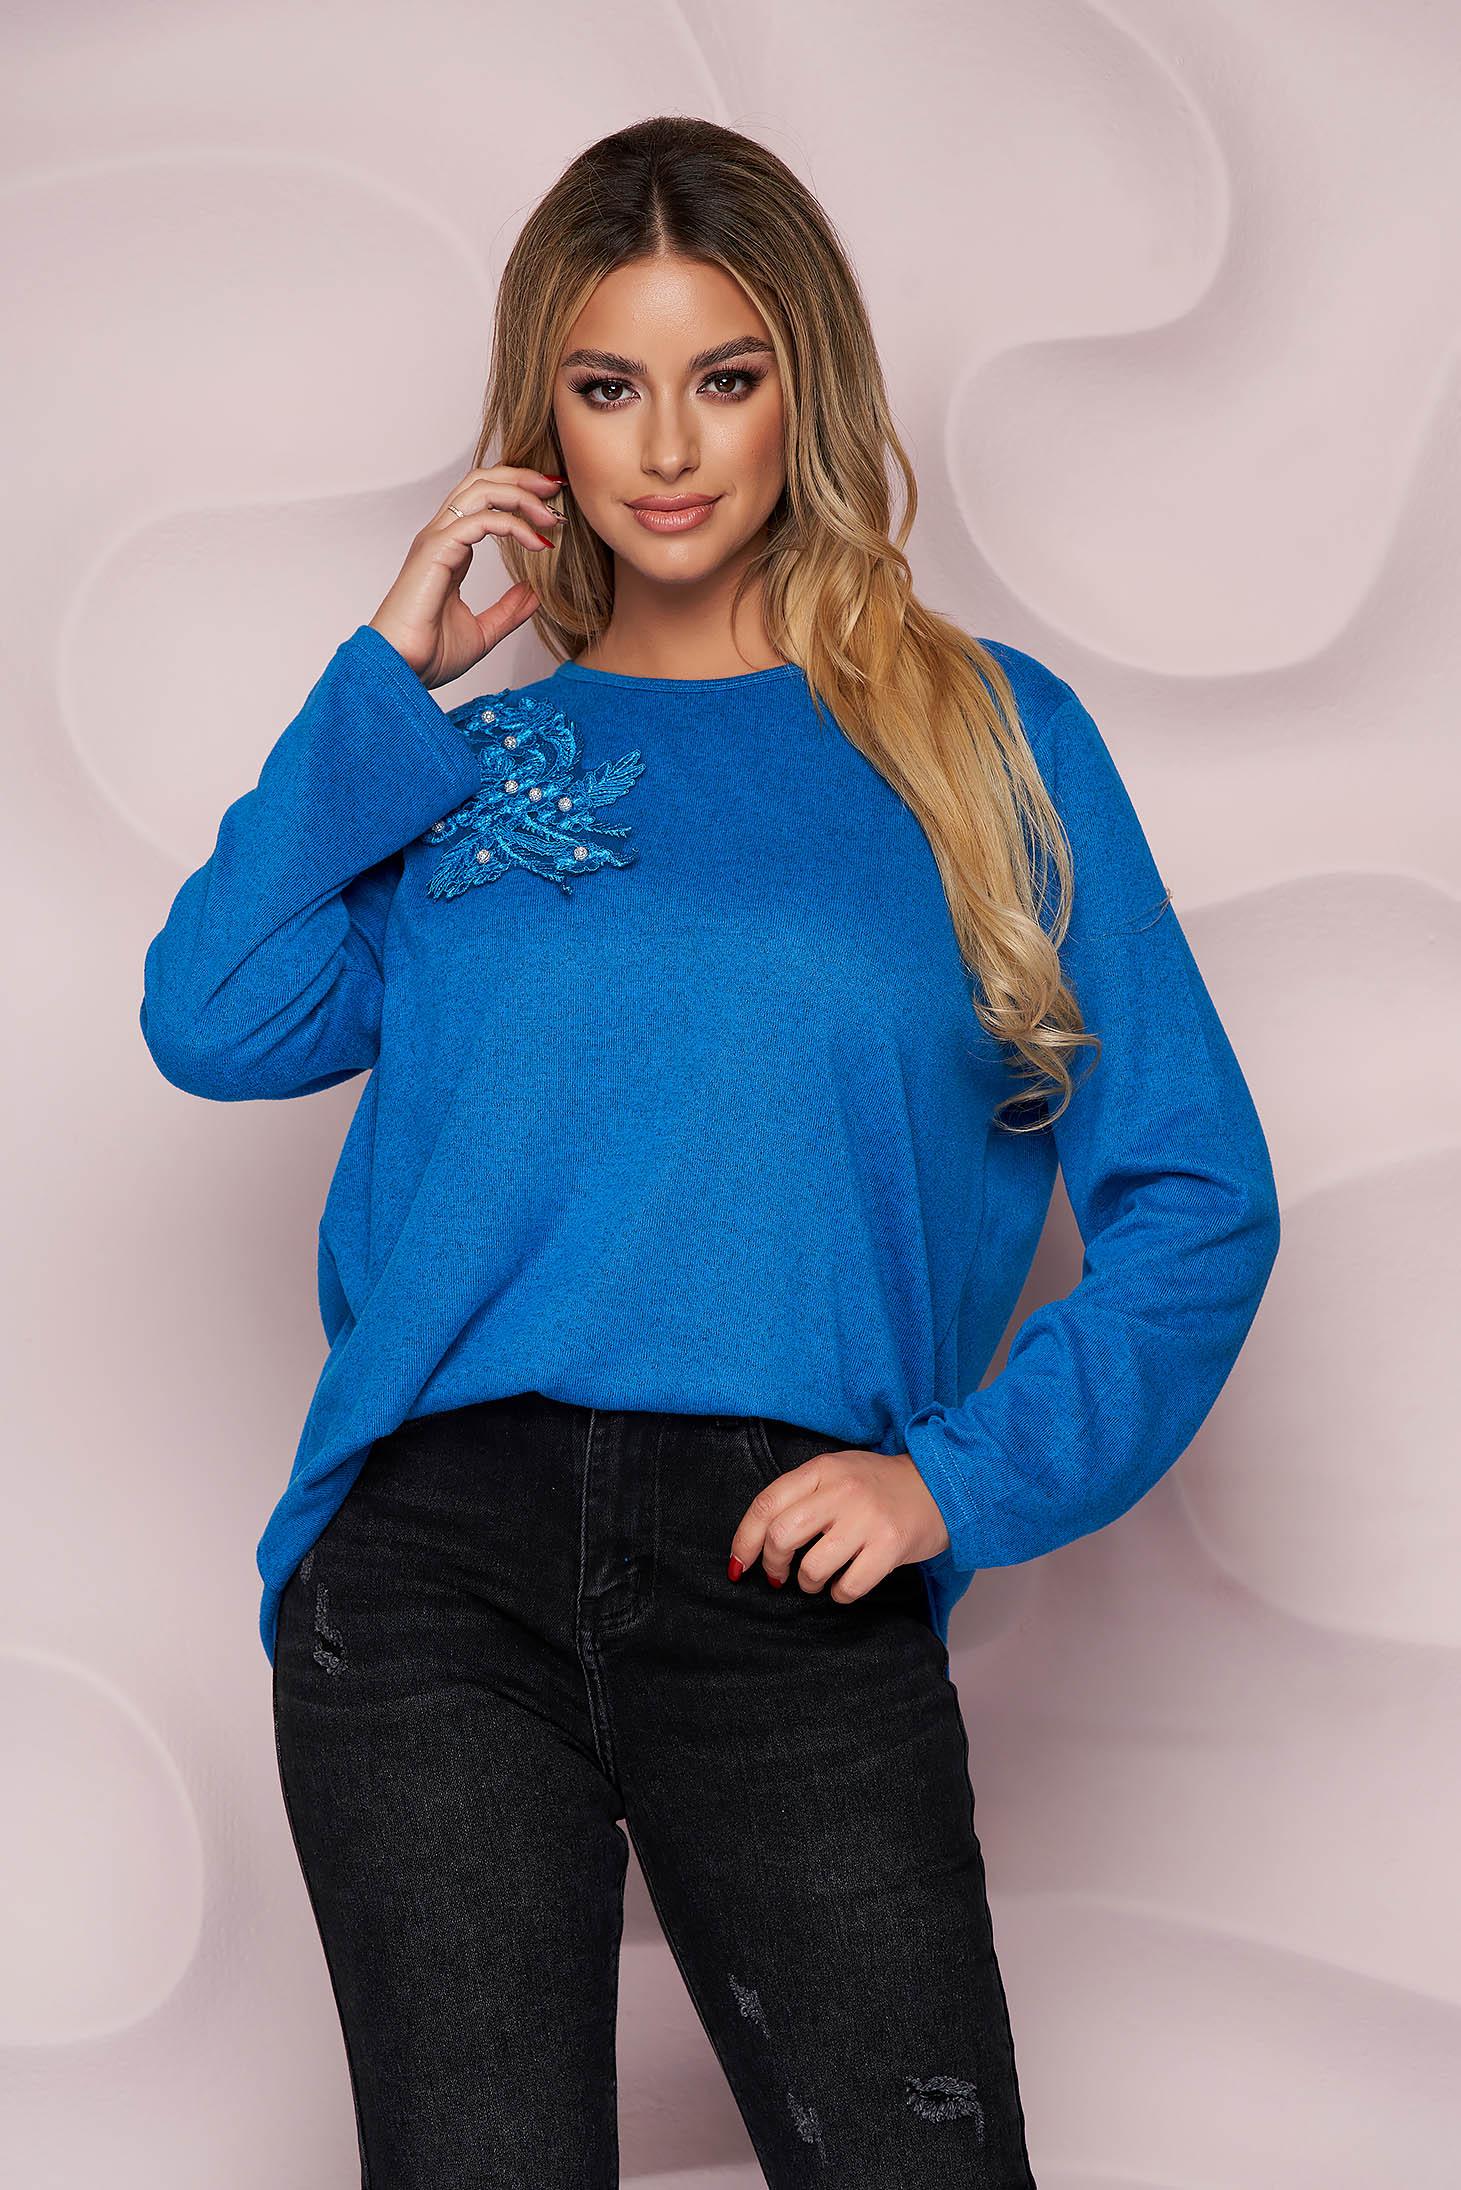 Pulover Lady Pandora albastru office cu croi larg din material tricotat elastic si subtire si broderie florala